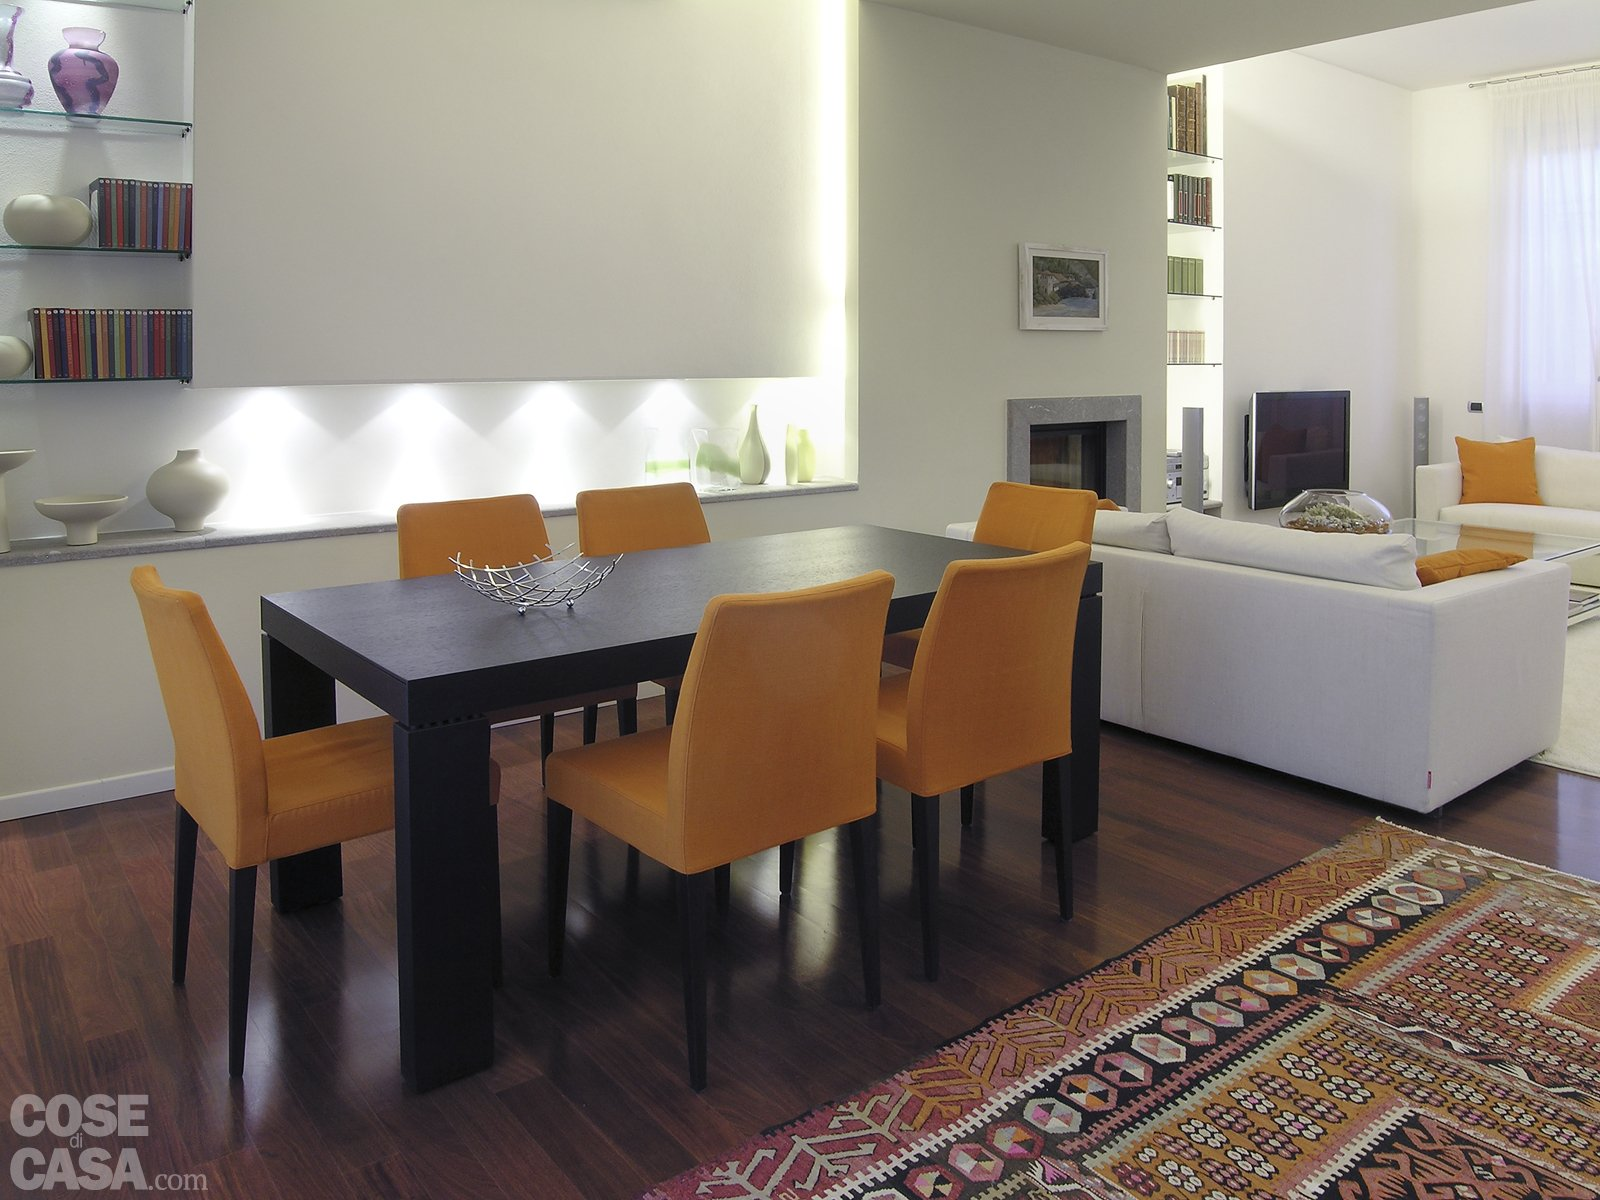 Una casa con tante idee da copiare cose di casa - Oggettistica moderna per la casa ...